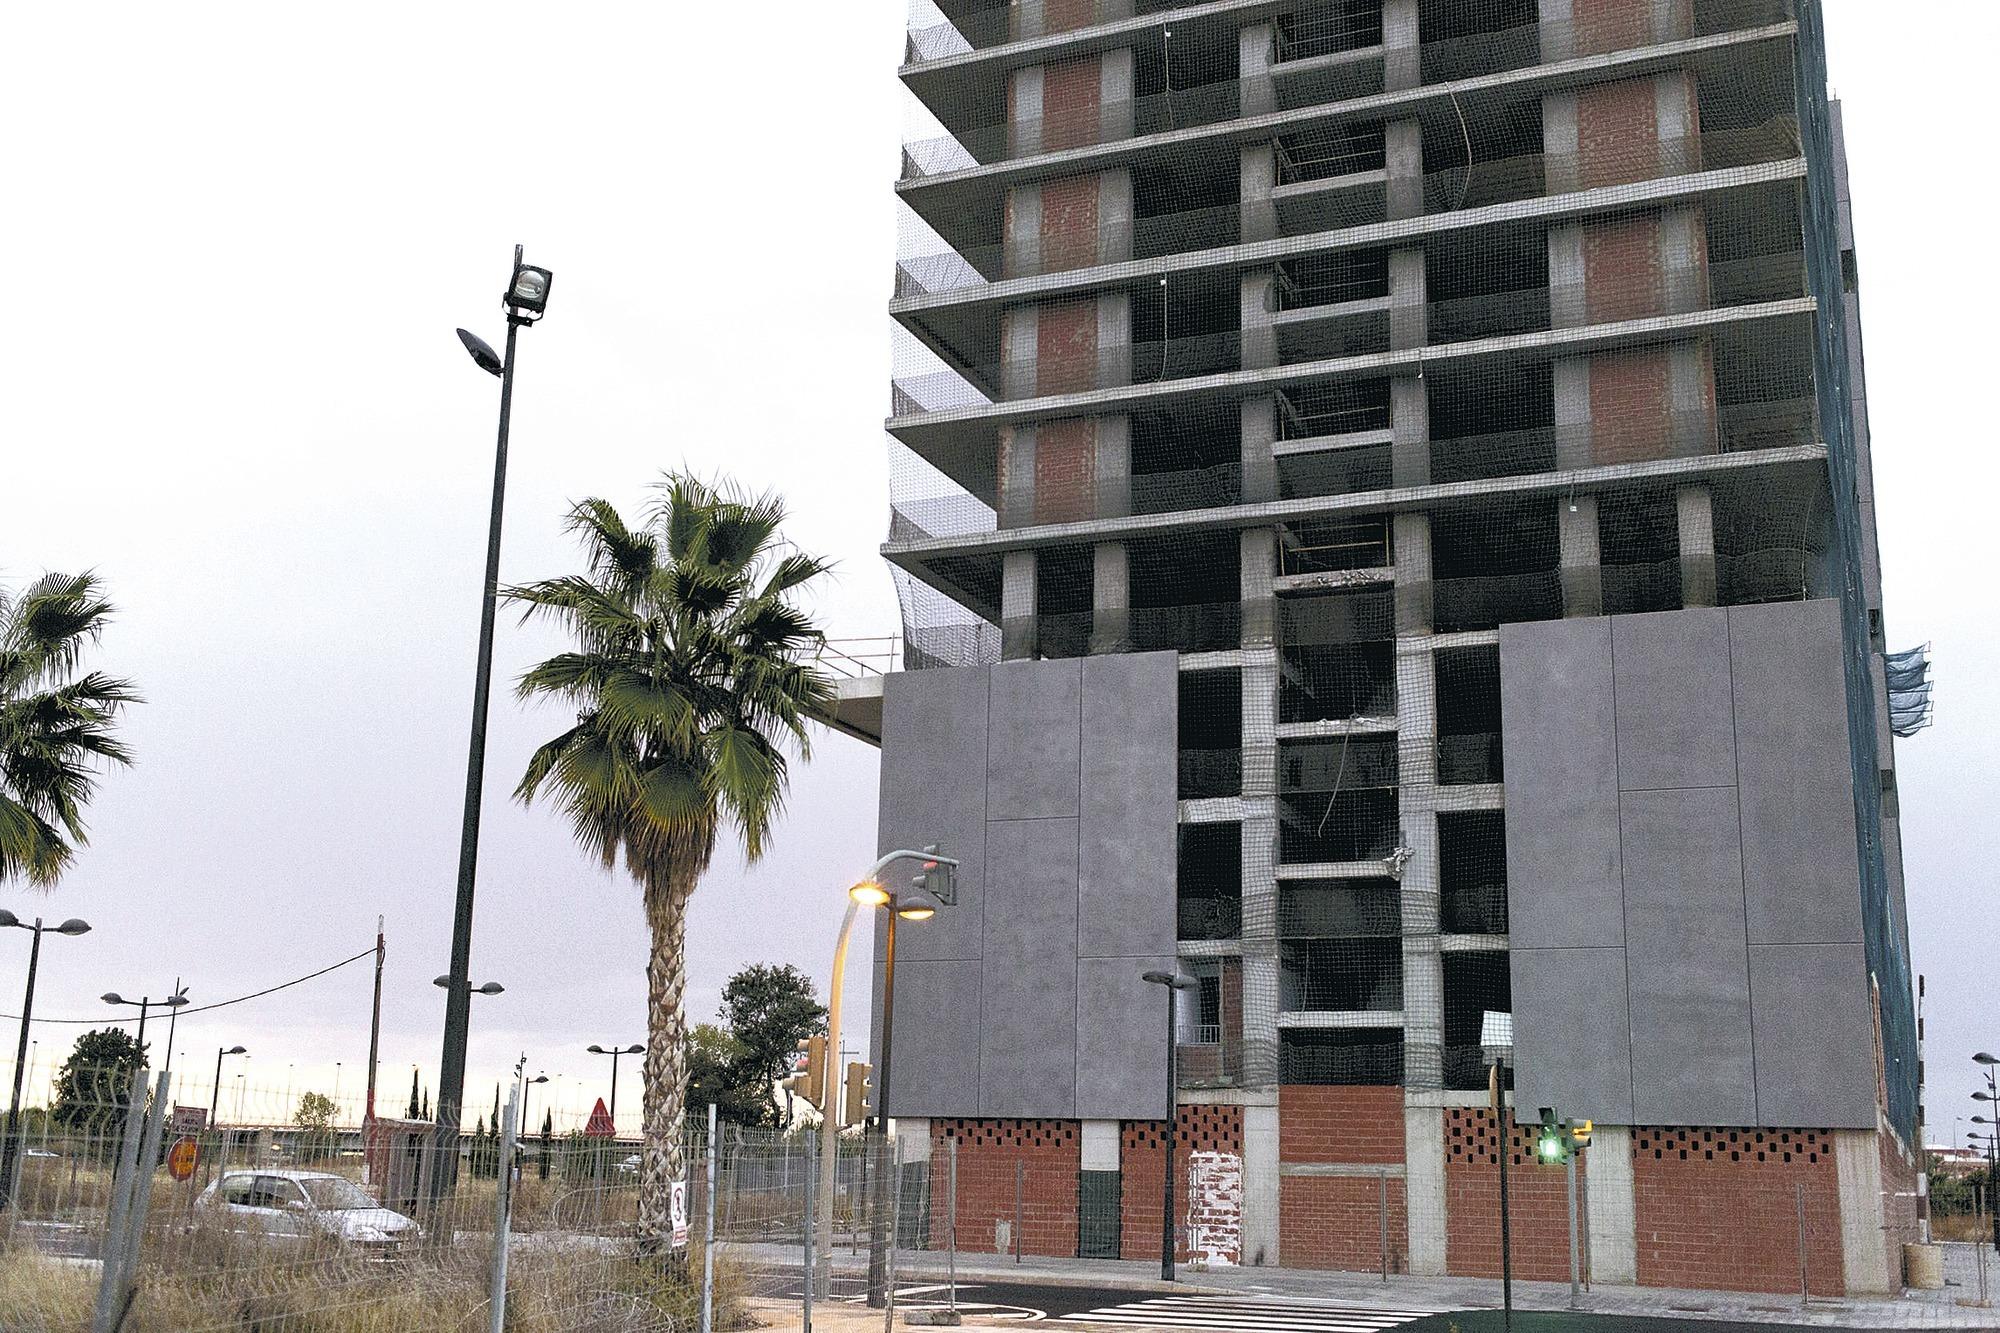 Valencia architektur touren im hippie bus reise rhein for Architektur valencia